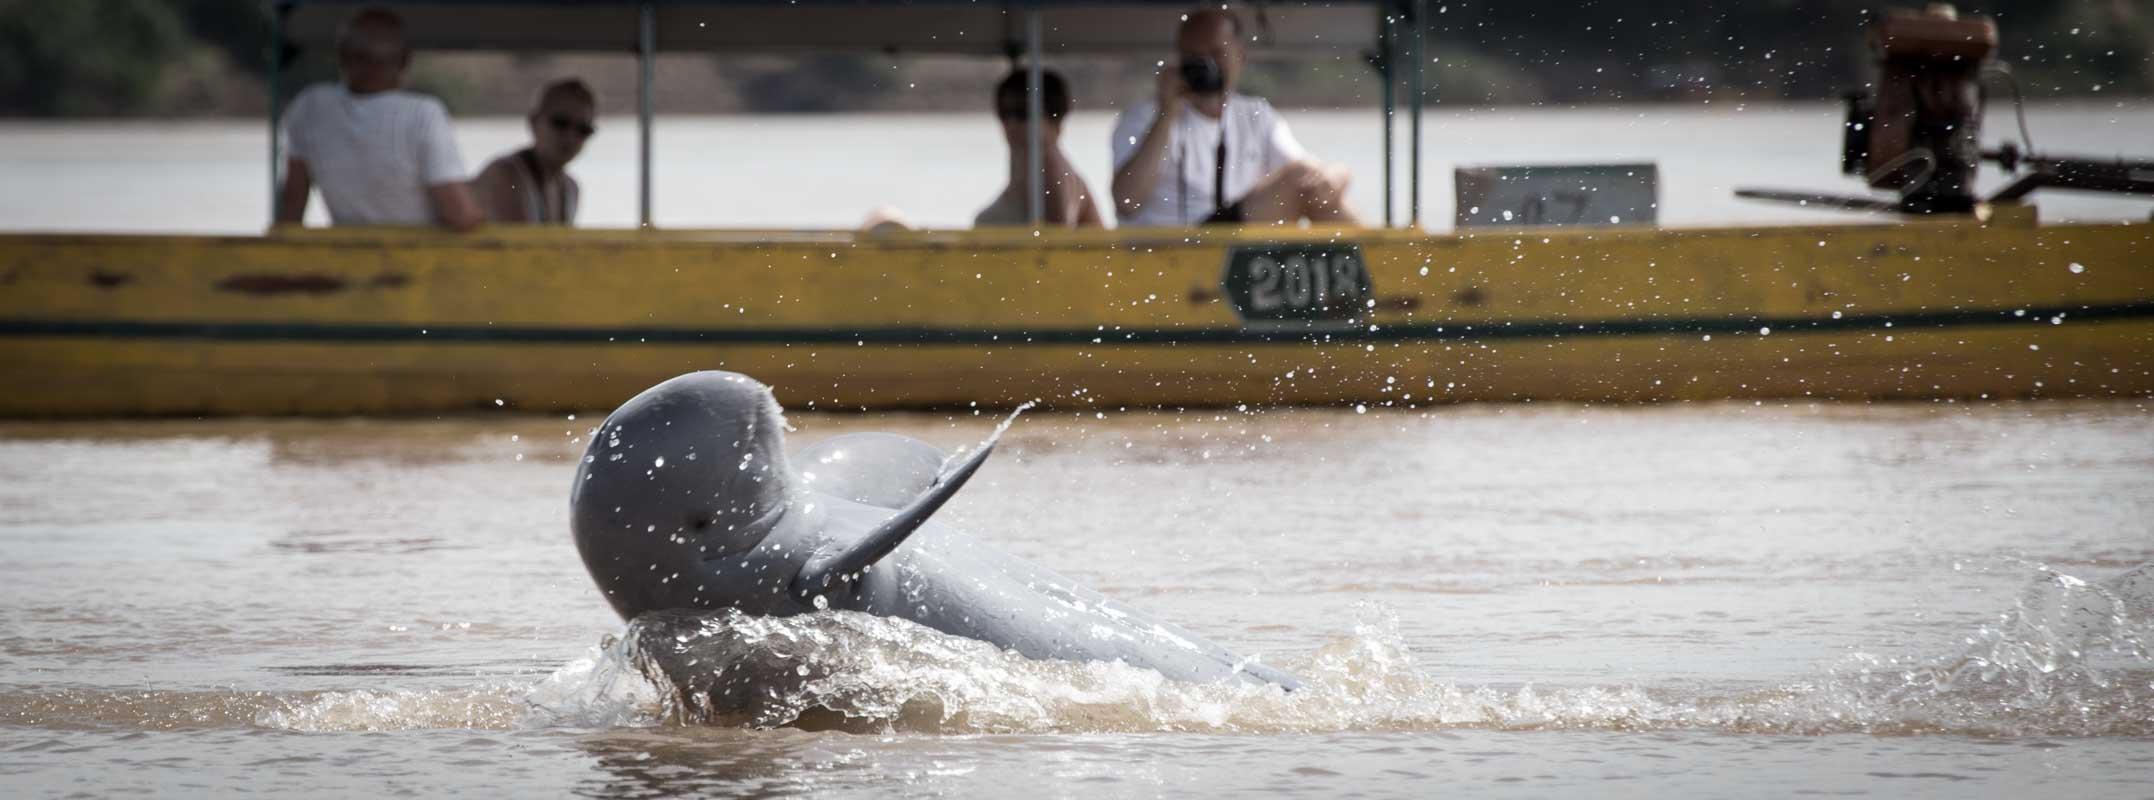 柬埔寨白江豚